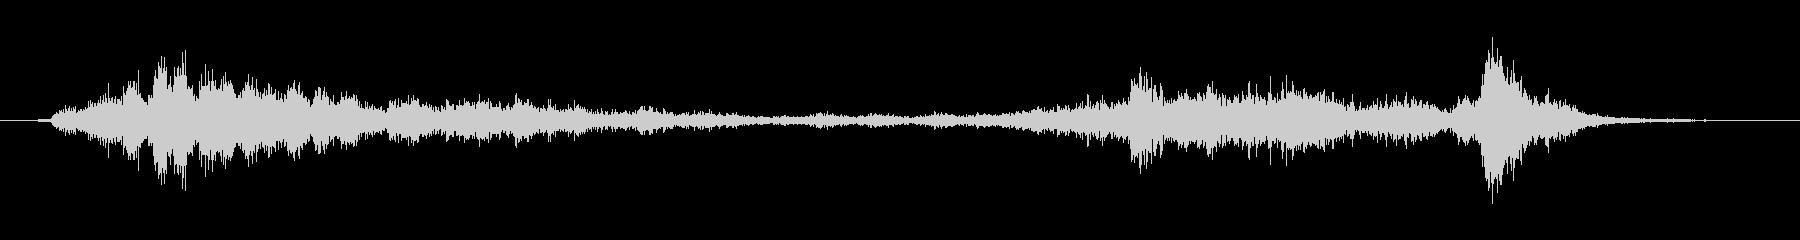 【生録音】ガラガラガラーガシャン(遠め)の未再生の波形